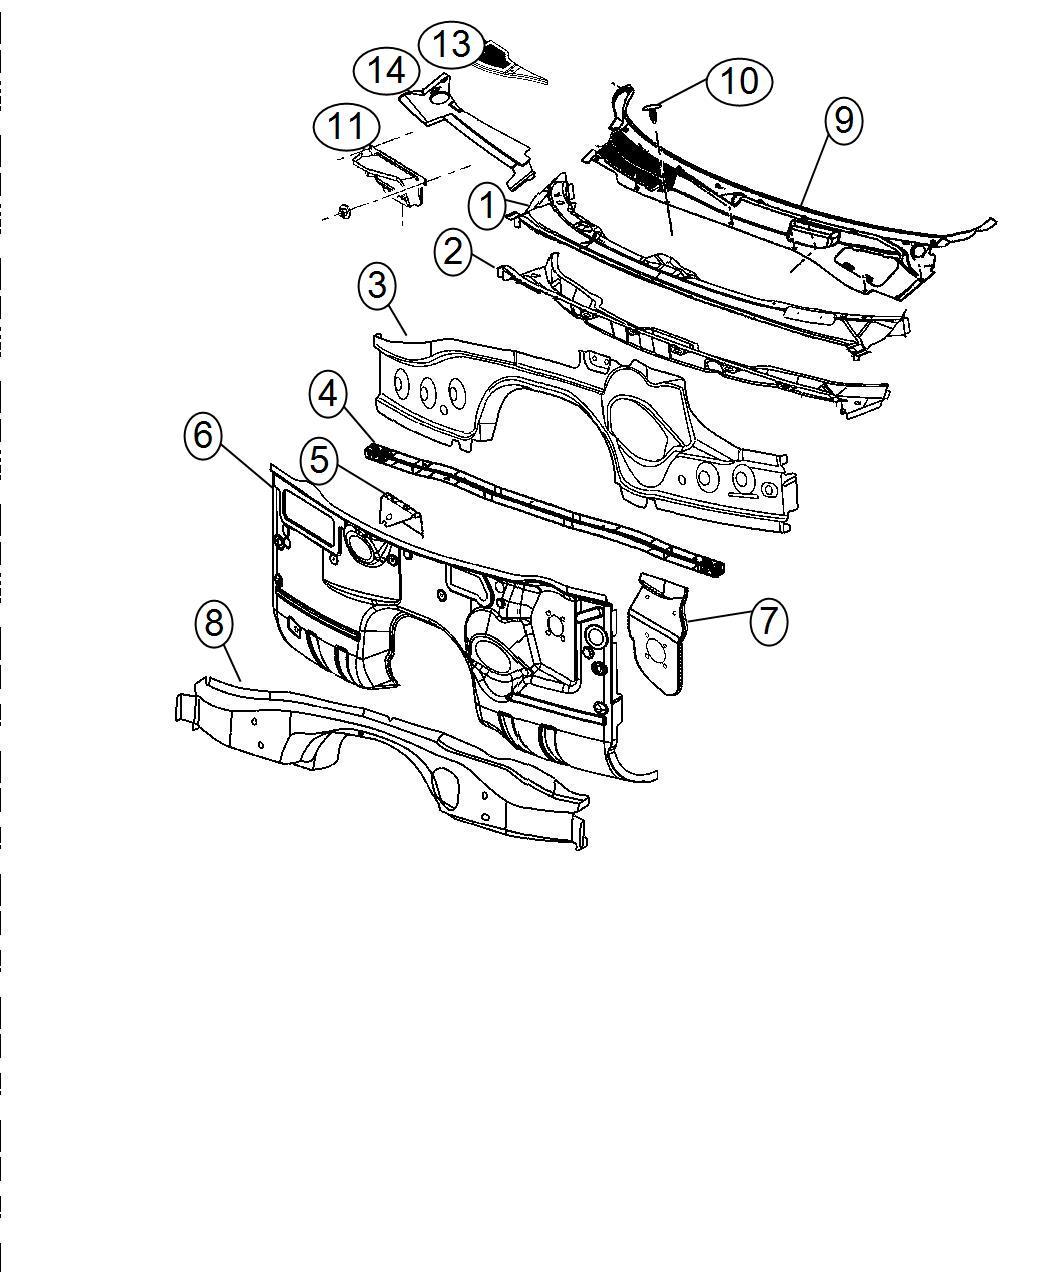 2014 Dodge Challenger Panel. Cowl plenum upper. Dash